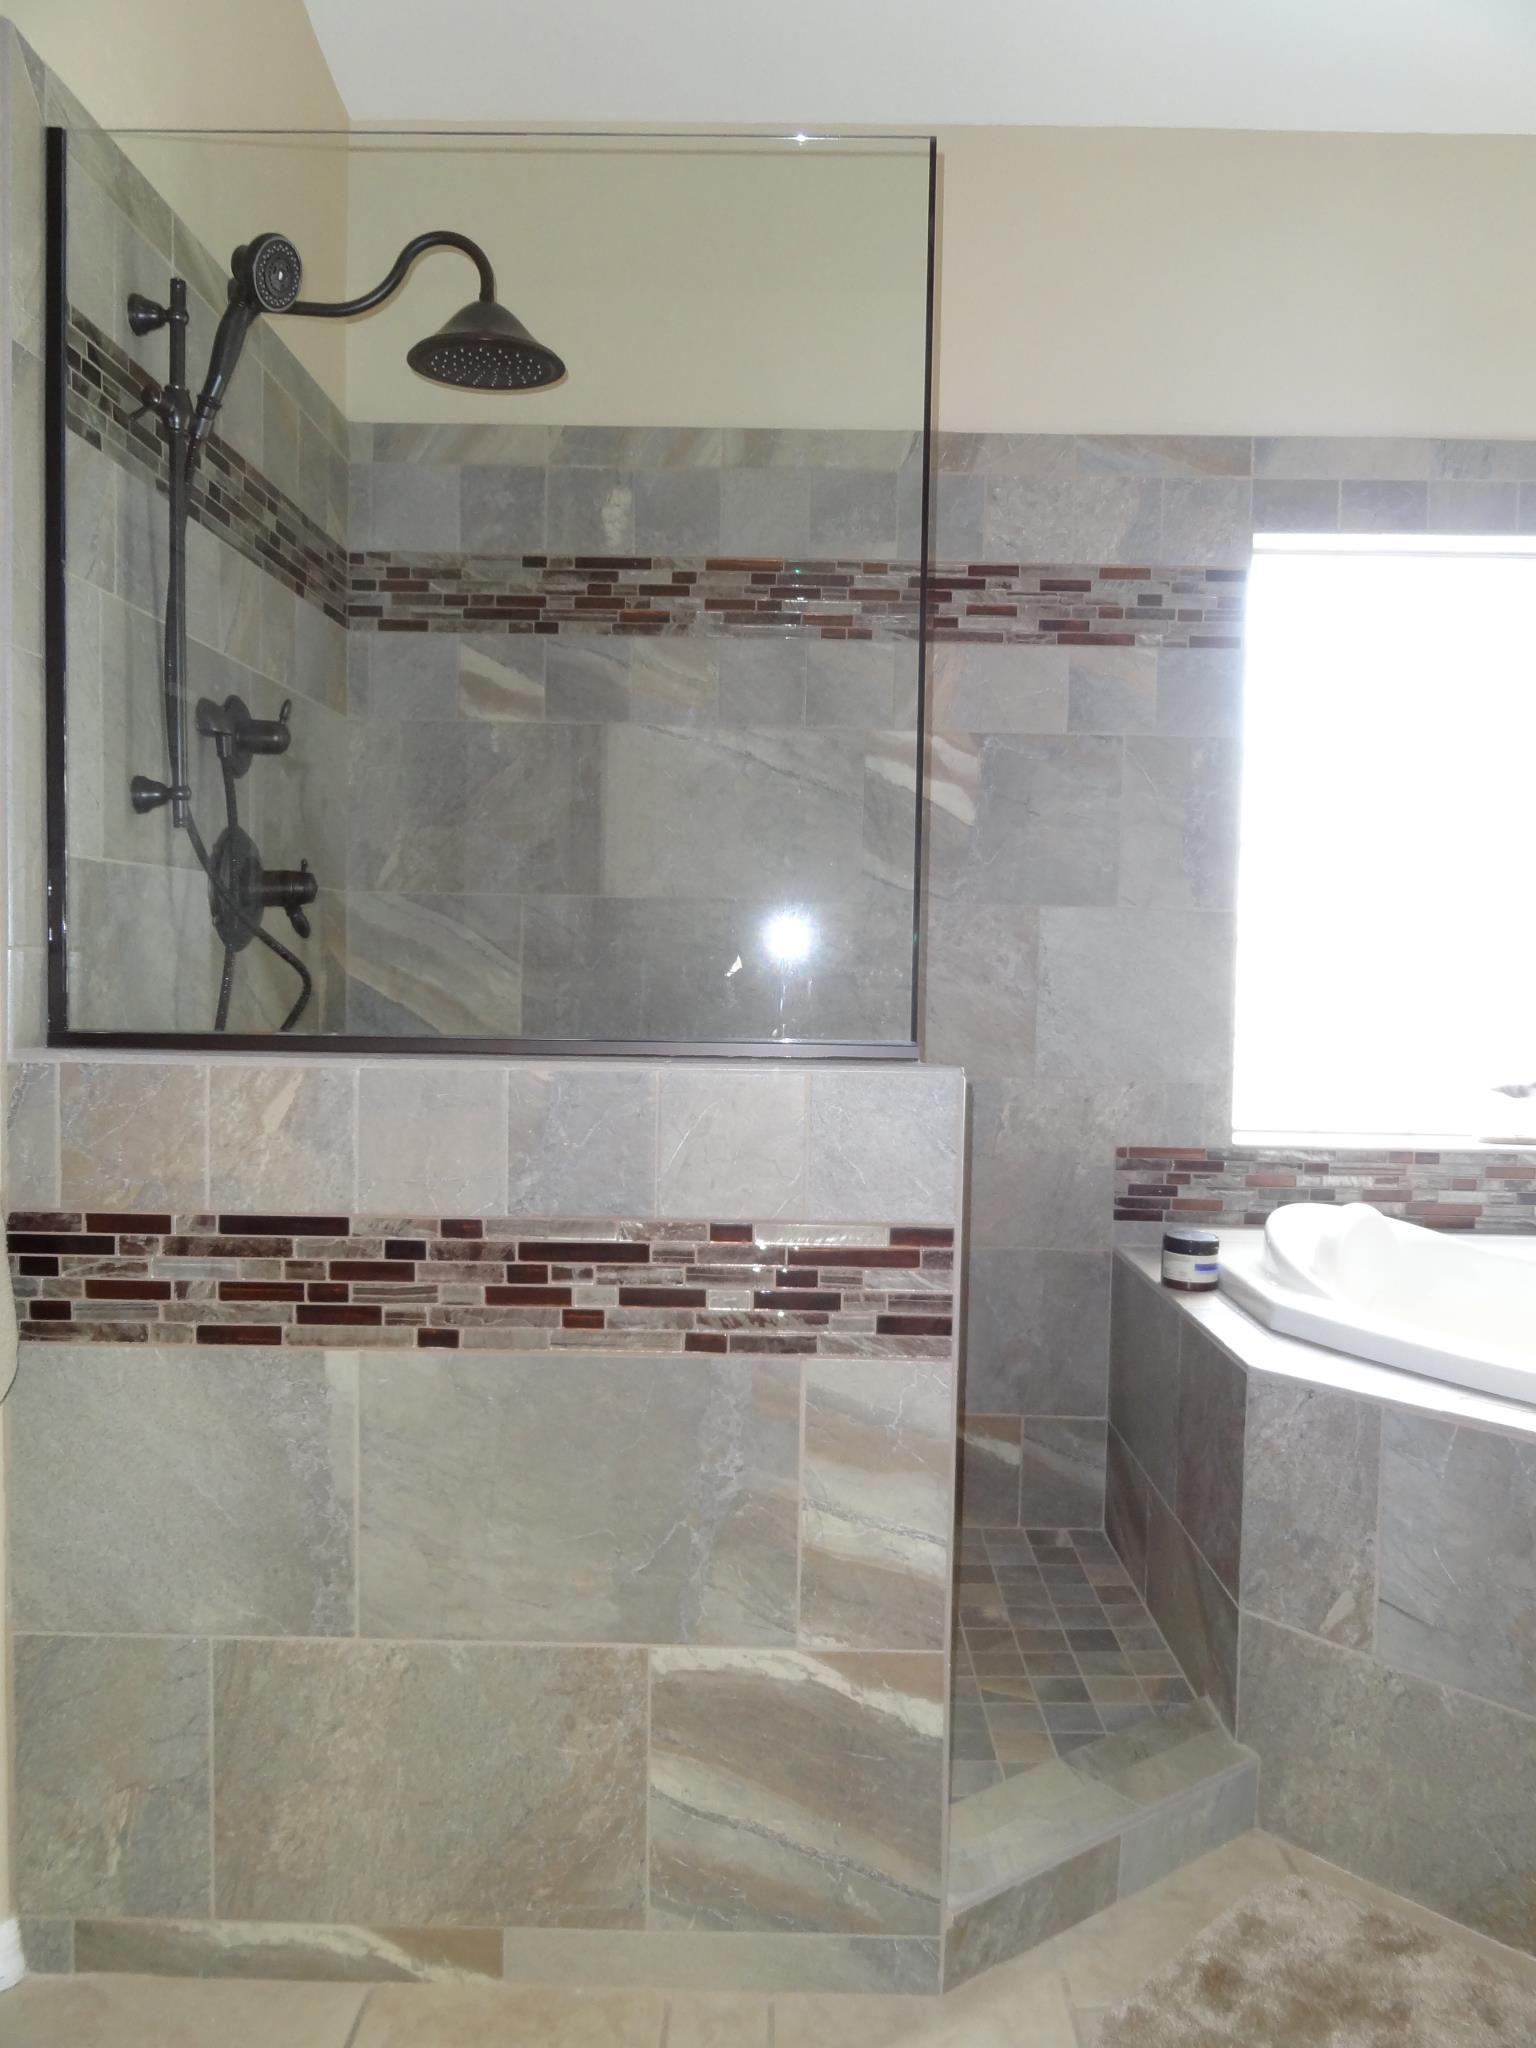 Bathroom Remodeling Photos Ckbr Phoenix Half Bathroom Design Ideas Small Bathroom Remodel Bathrooms Remodel [ jpg ]